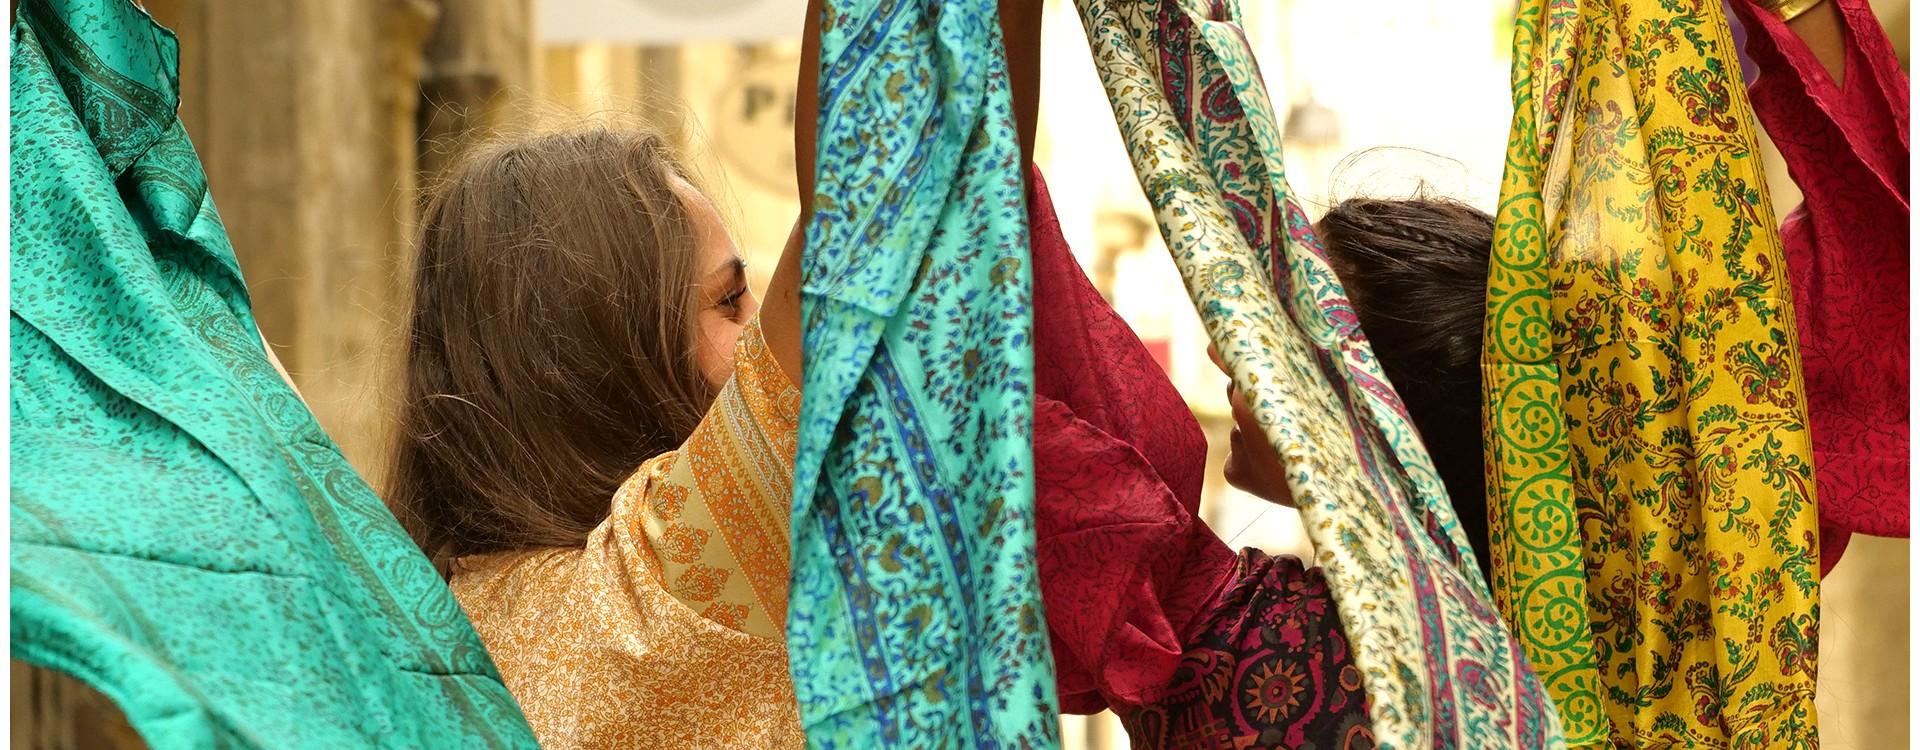 Foulards et accessoires indiens